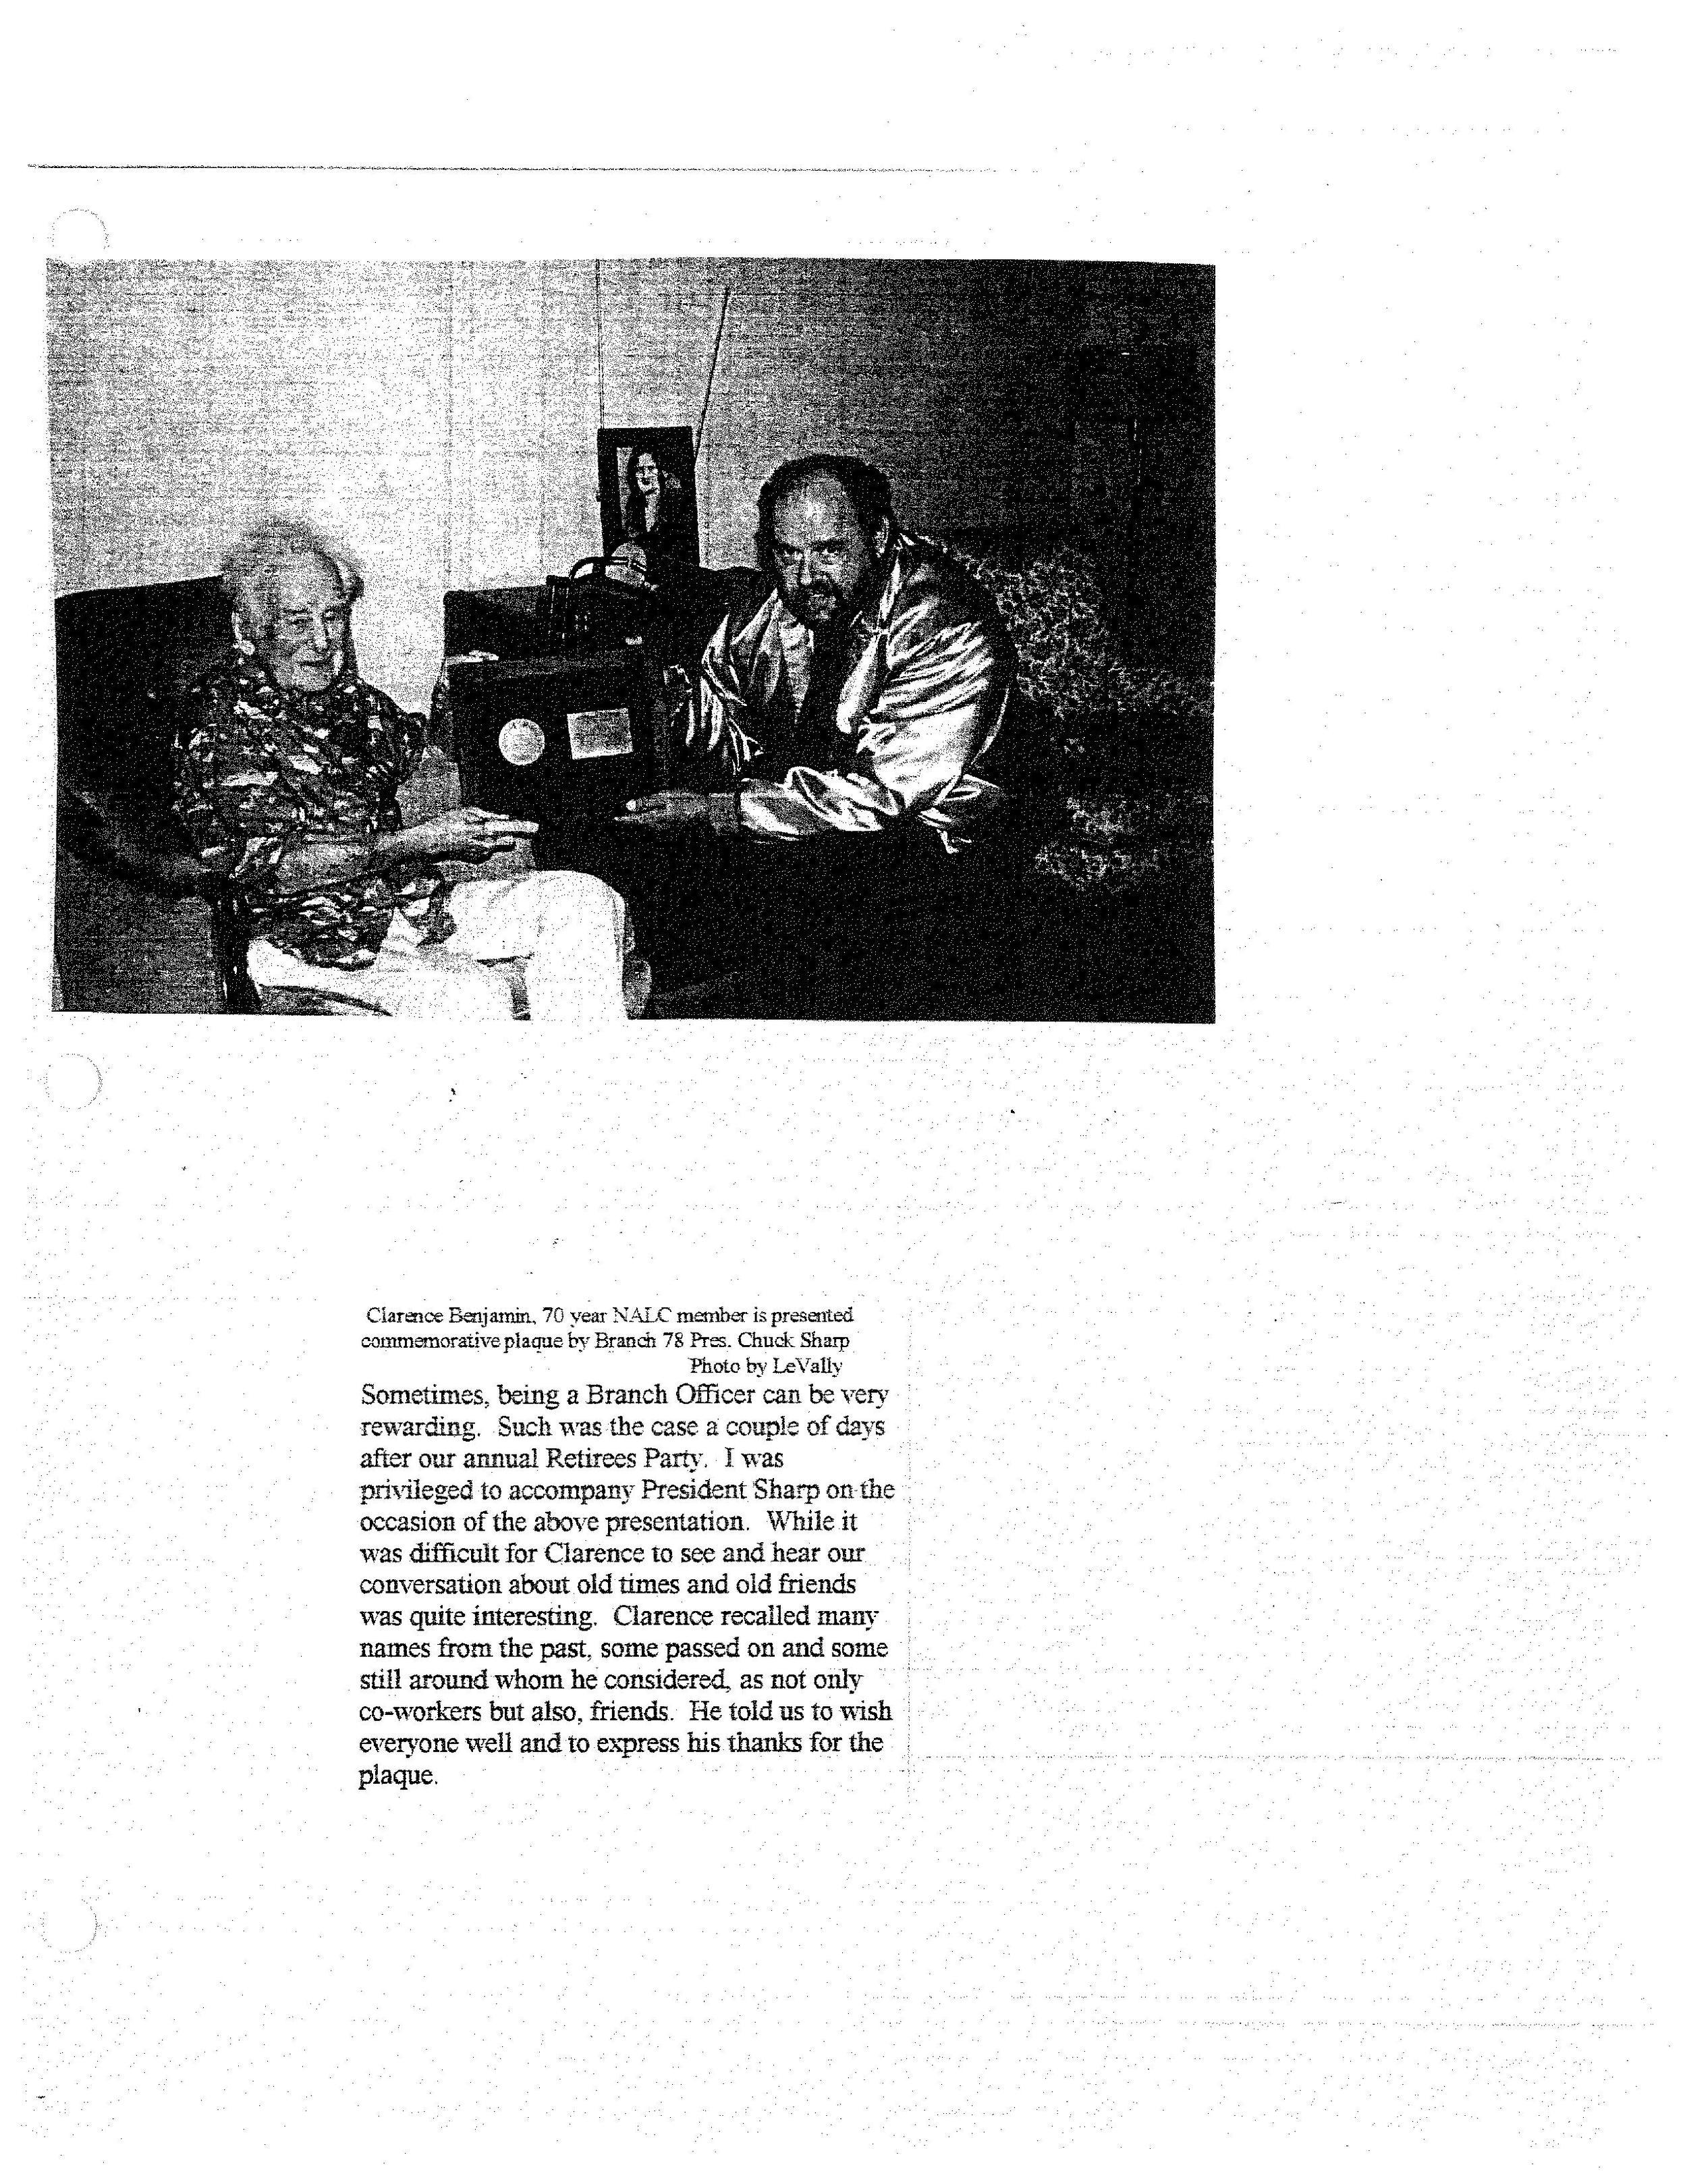 branch 78 history page-0064.jpg